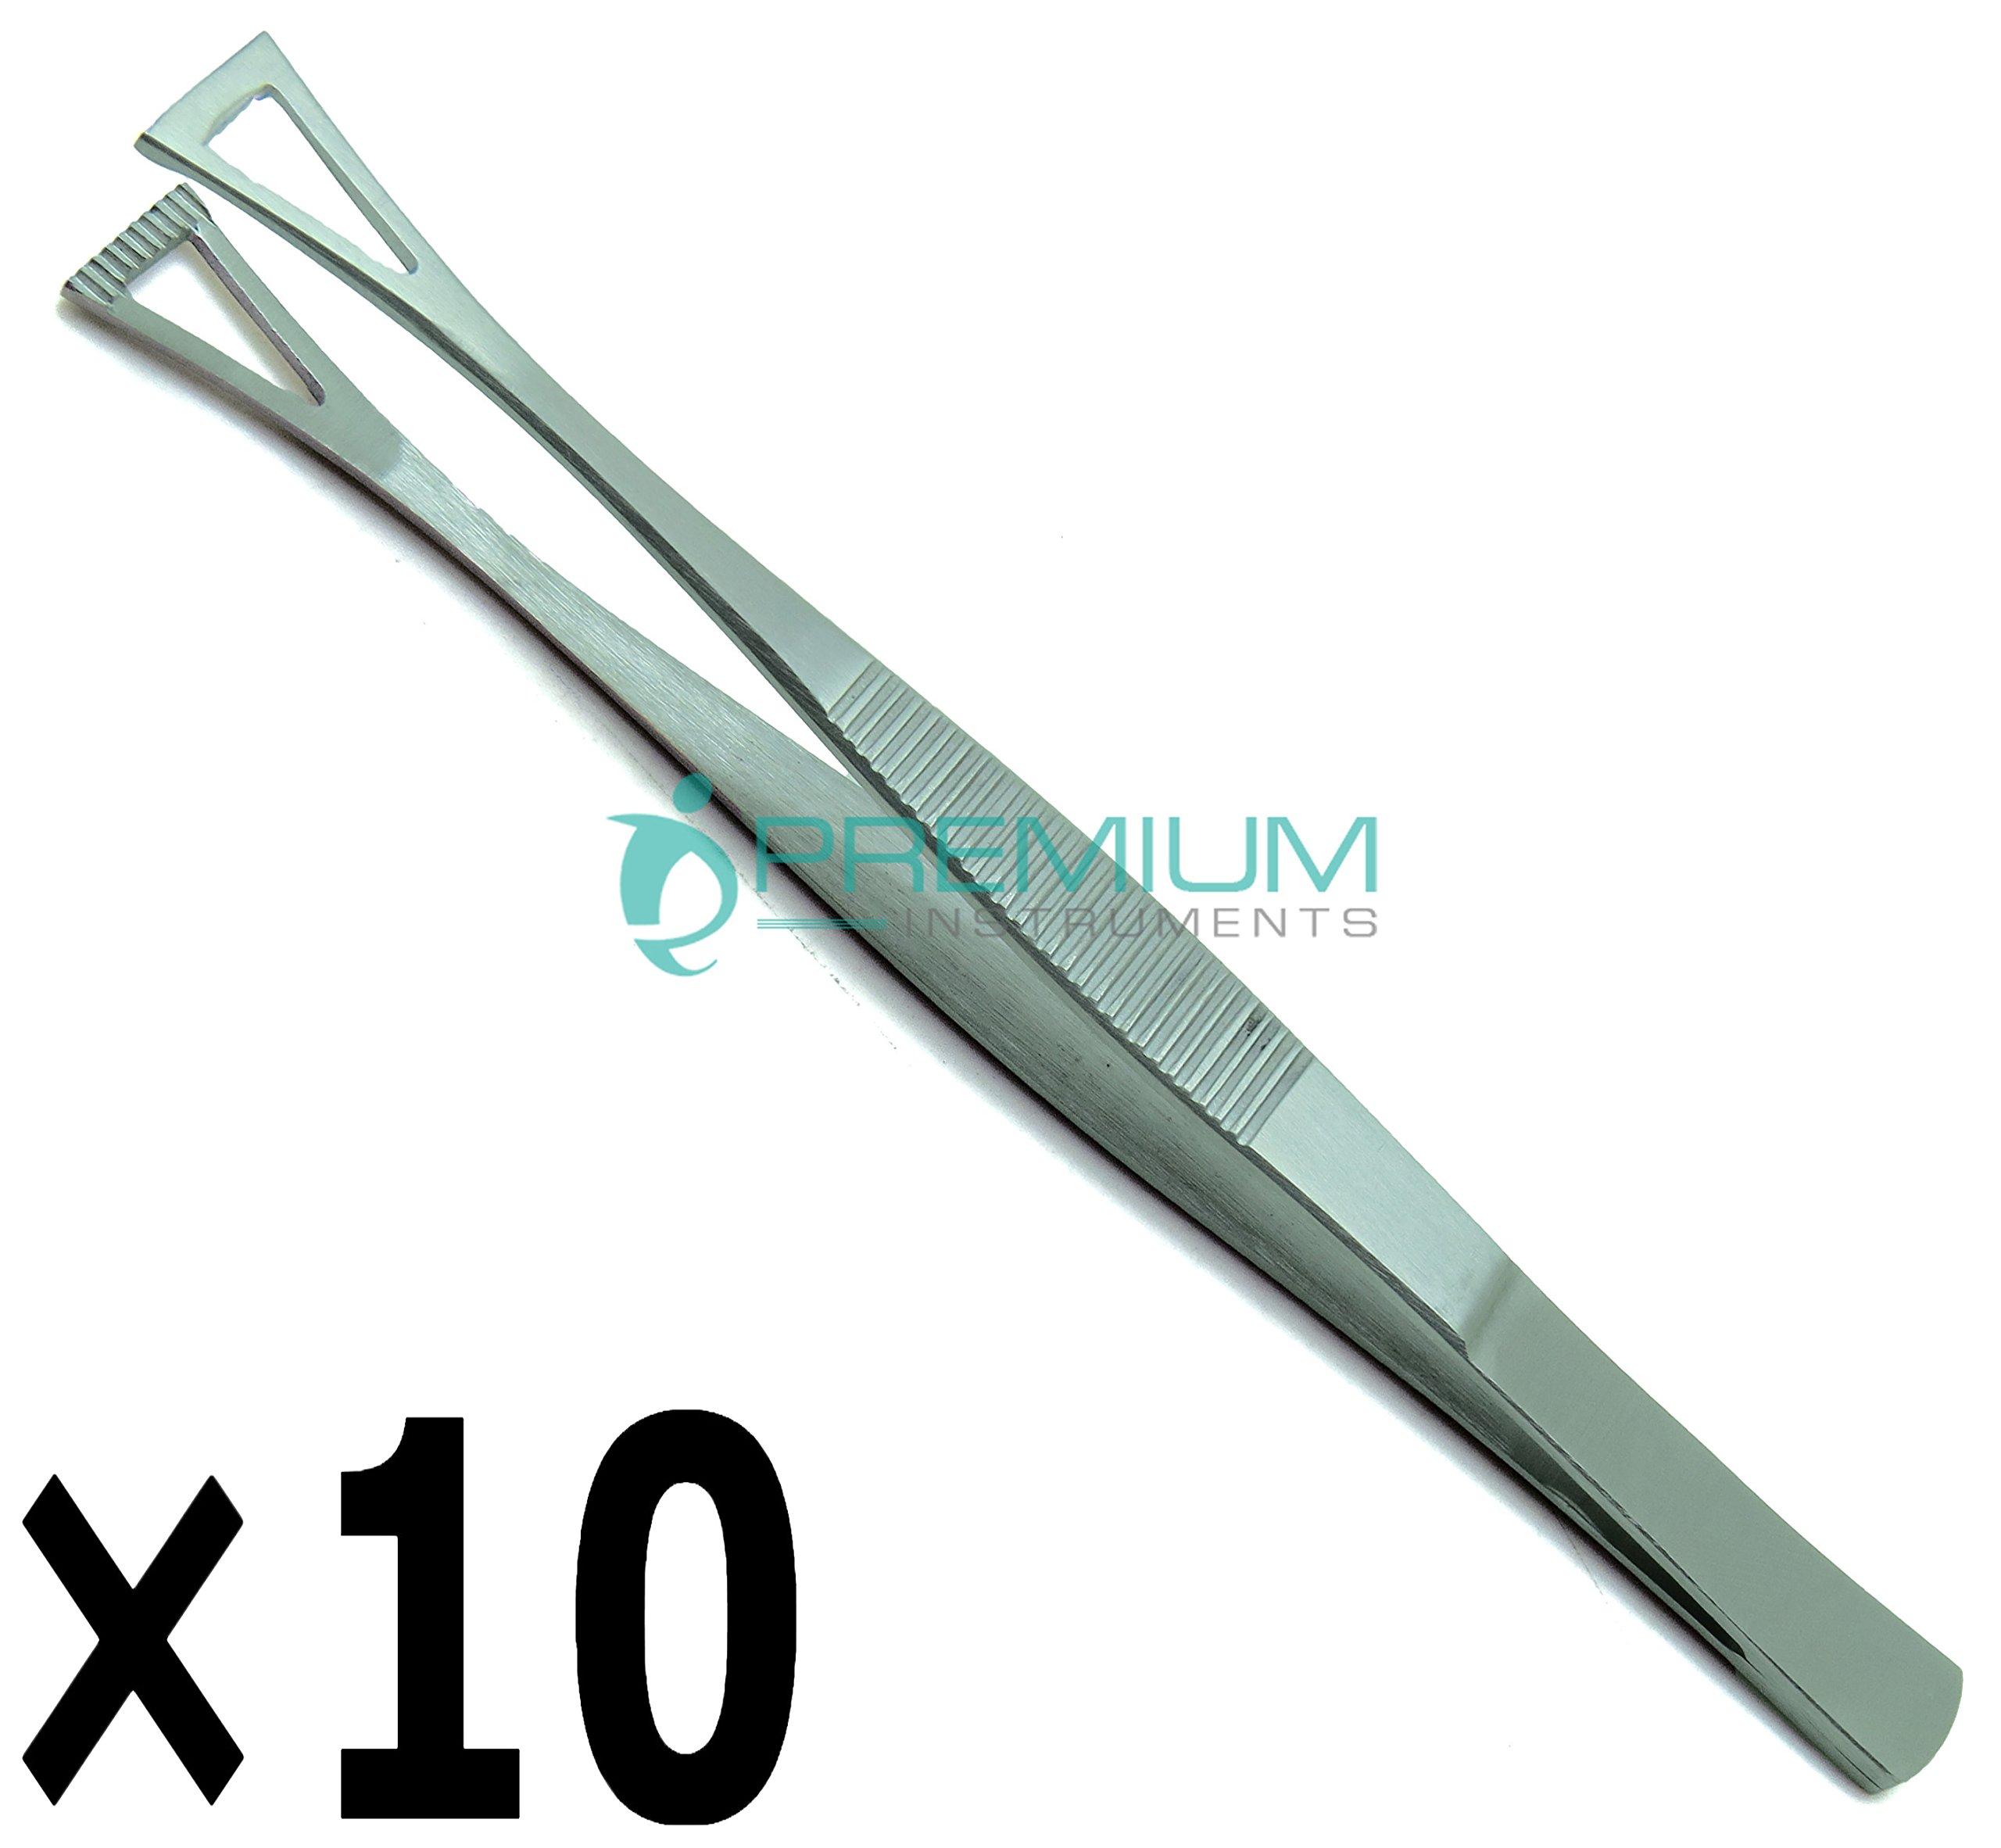 10× Collin Duval Tissue Forceps 15cm Body Piercing Tweezer Premium Instruments